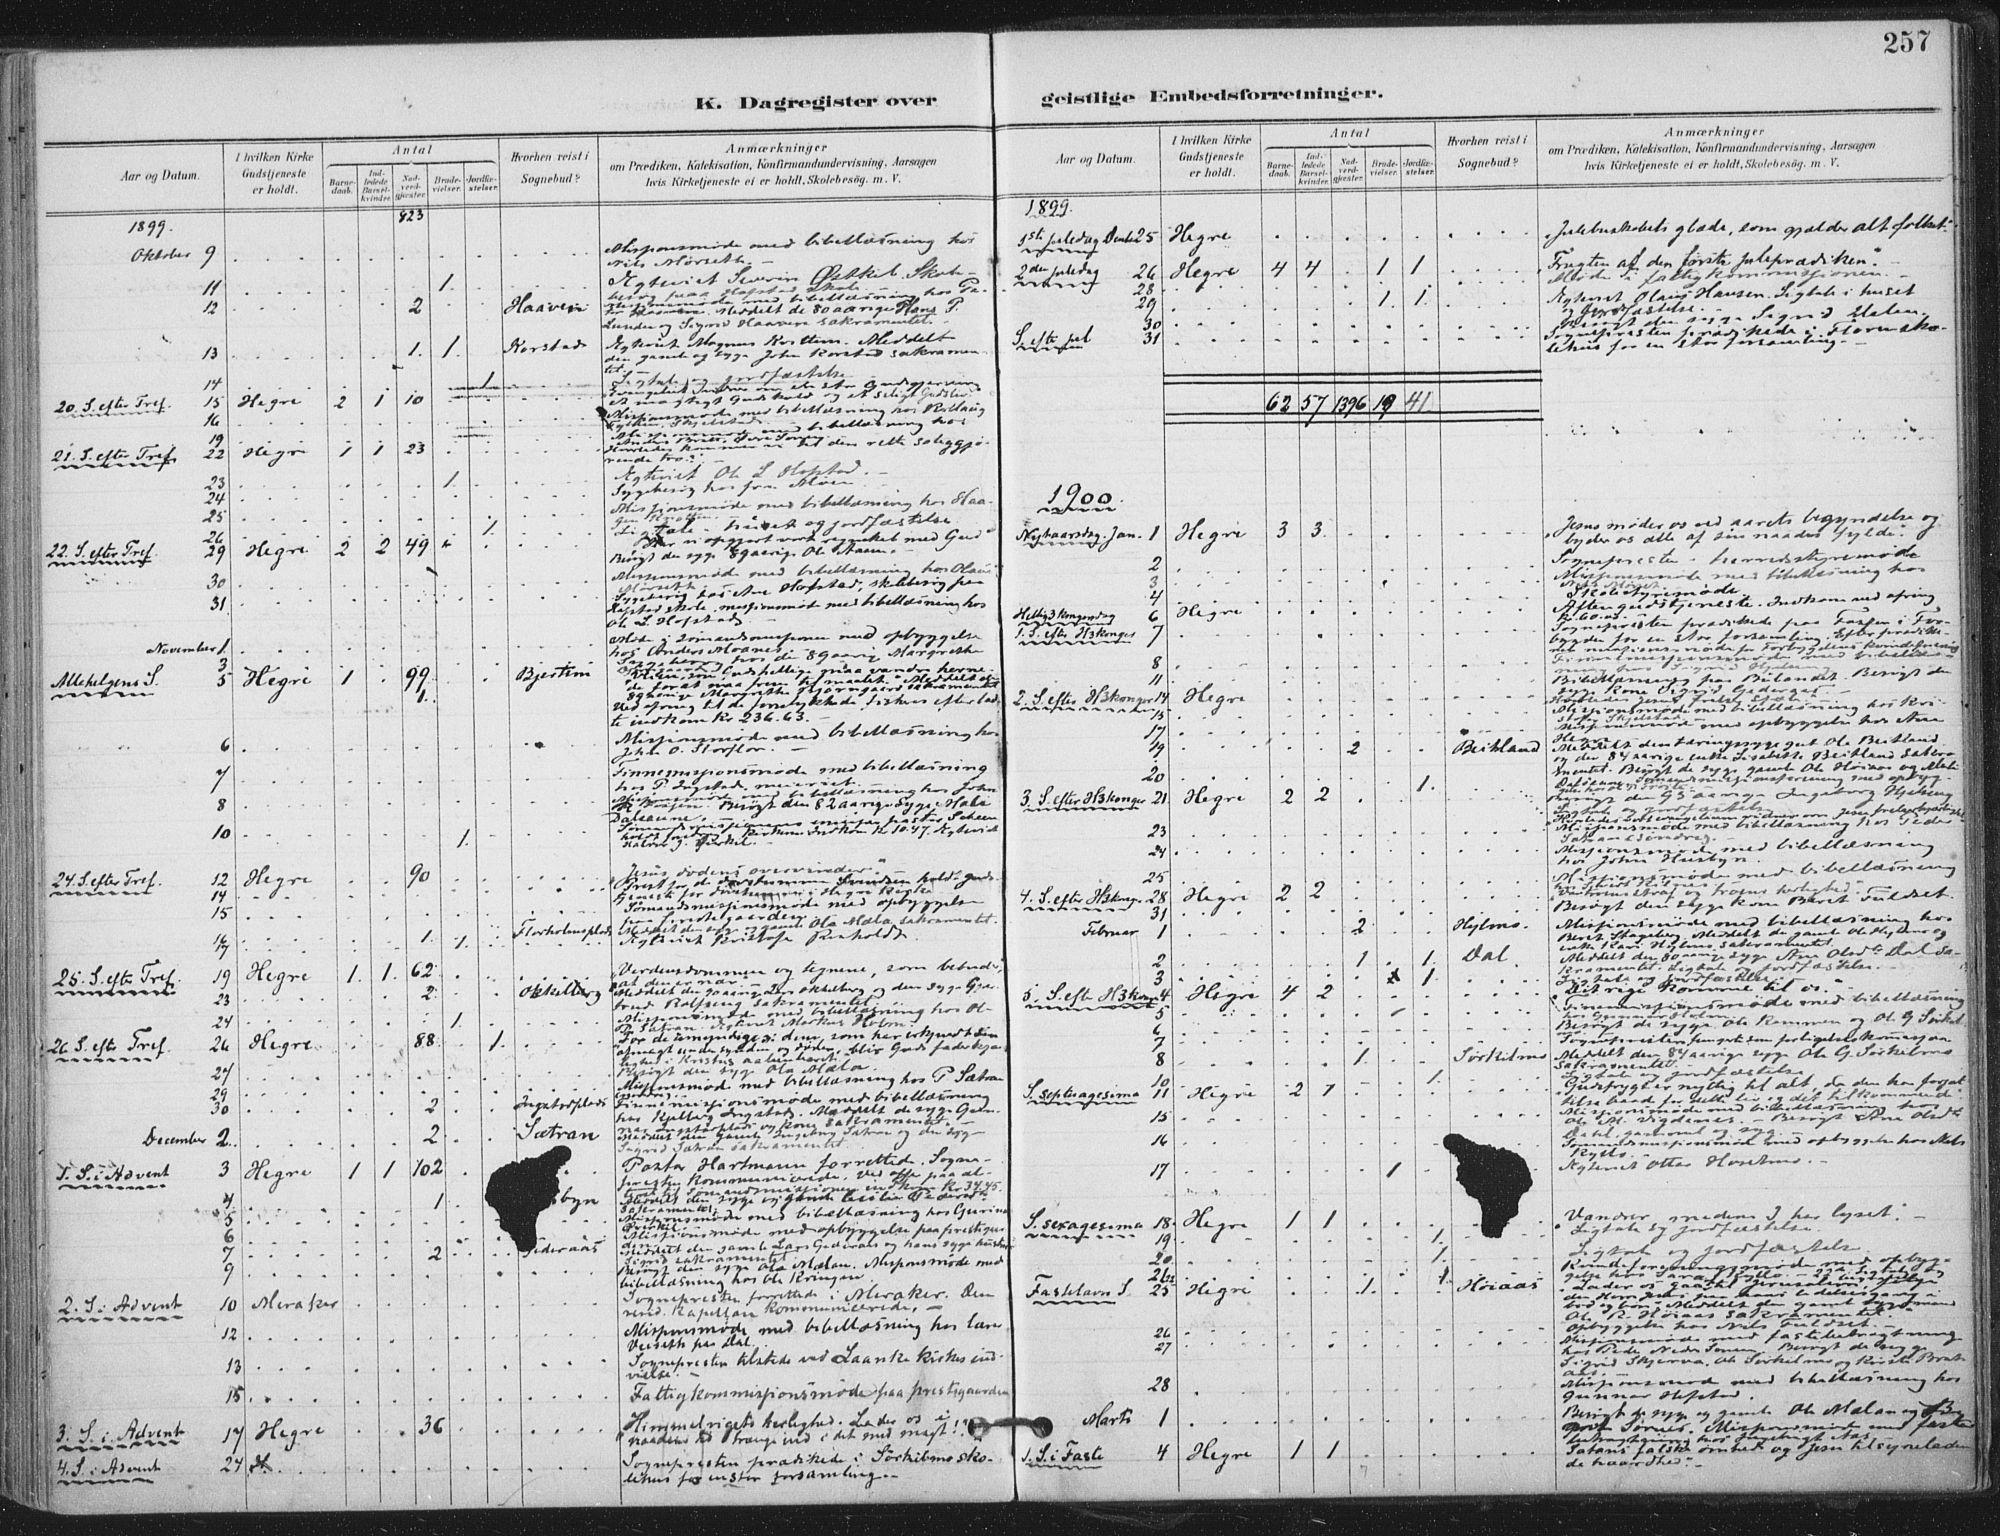 SAT, Ministerialprotokoller, klokkerbøker og fødselsregistre - Nord-Trøndelag, 703/L0031: Ministerialbok nr. 703A04, 1893-1914, s. 257